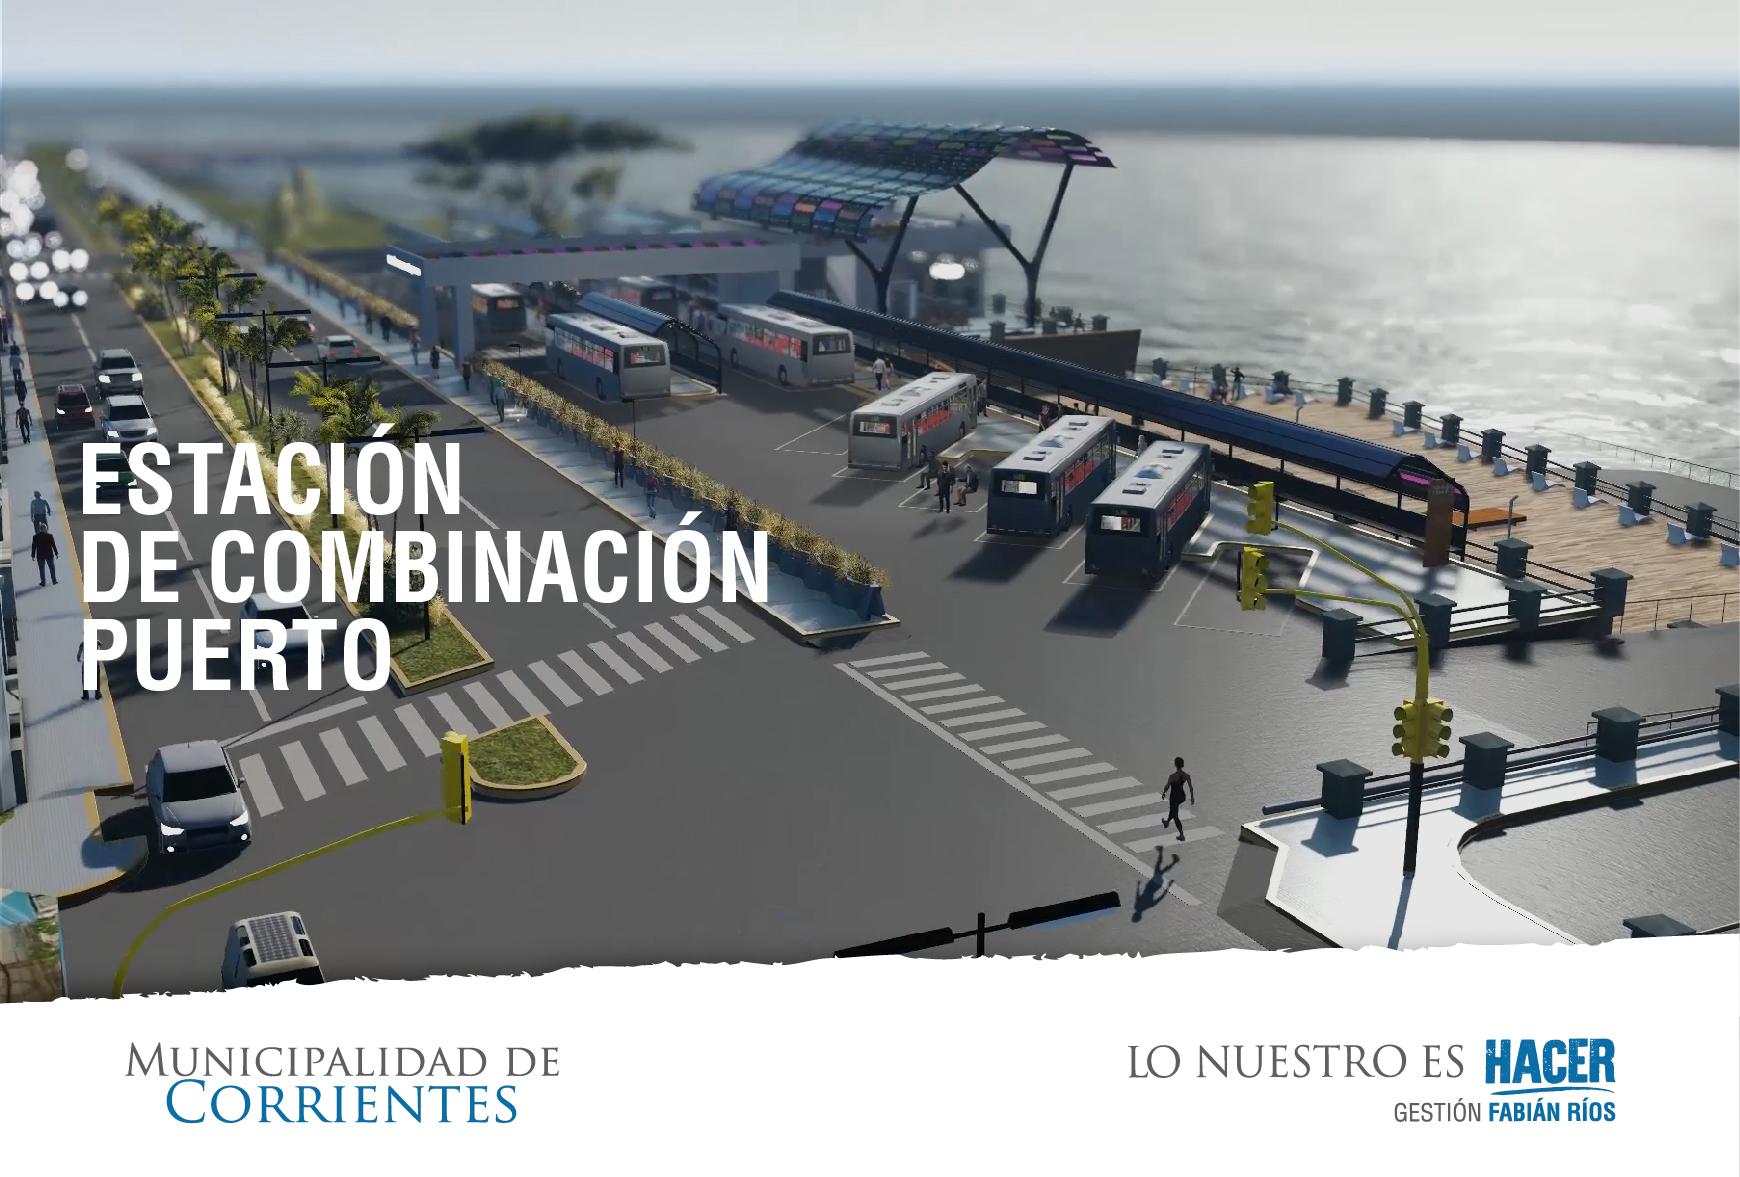 estaci_n_de_combinaci_n_puerto_6_